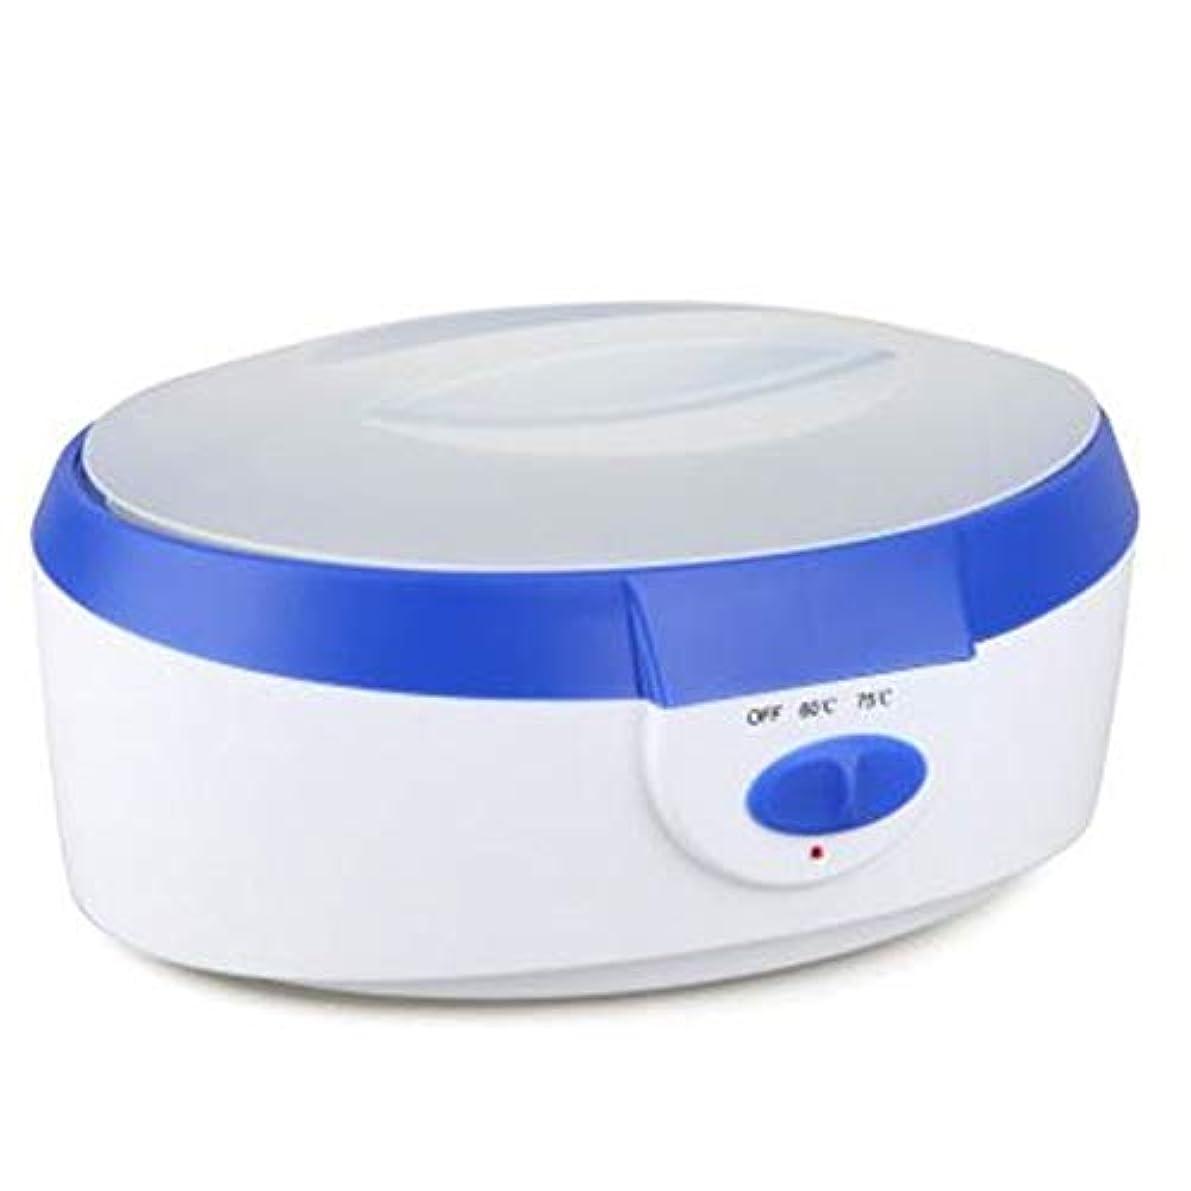 付録著作権測る2.5Lパラフィンワックスのヒーターの皮の処置機械高容量の毛の取り外しのパラフィン暖房の鍋のワックスのウォーマーセット,ブルー